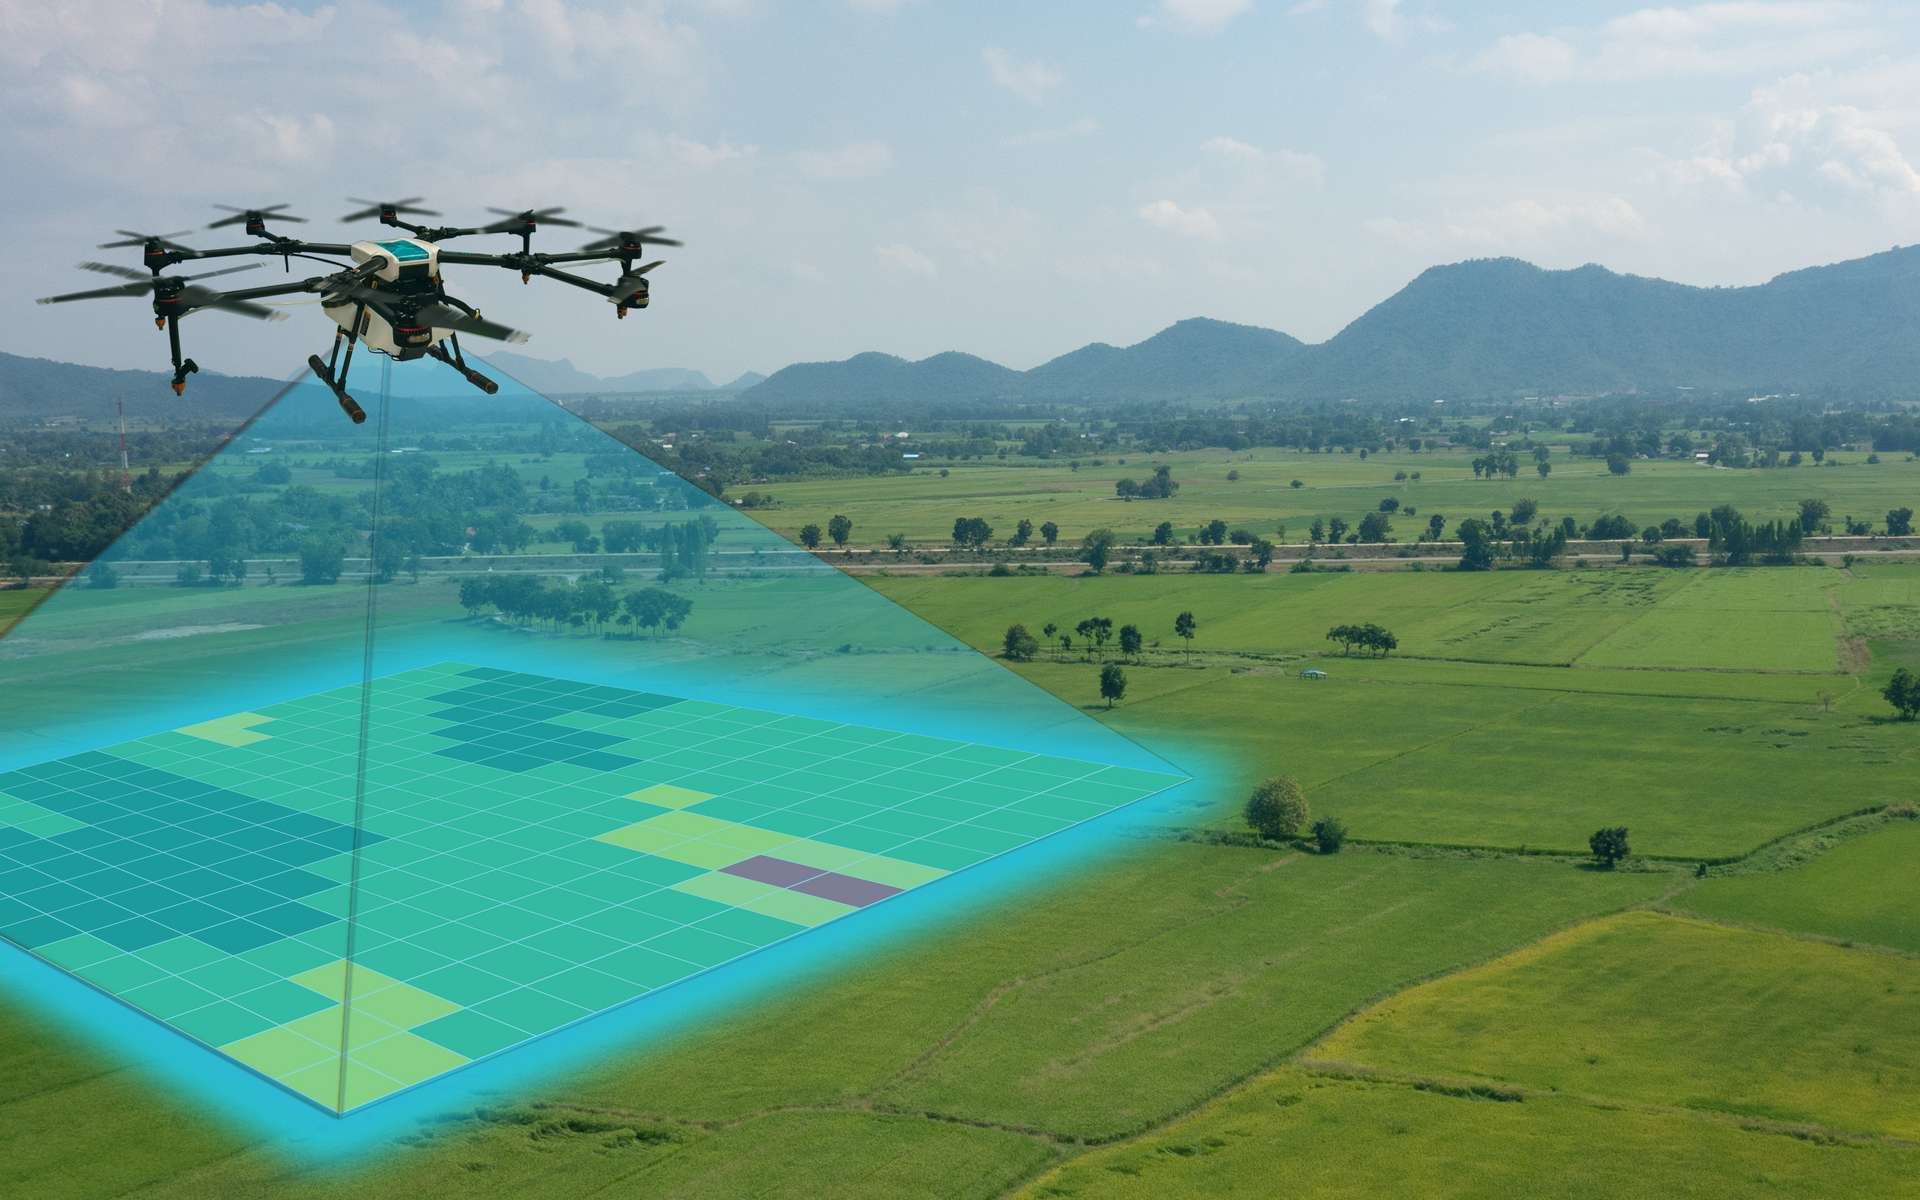 Les drones sont un outil robotique déjà adopté par le secteur agricole. © Monopoly919, Adobe Stock